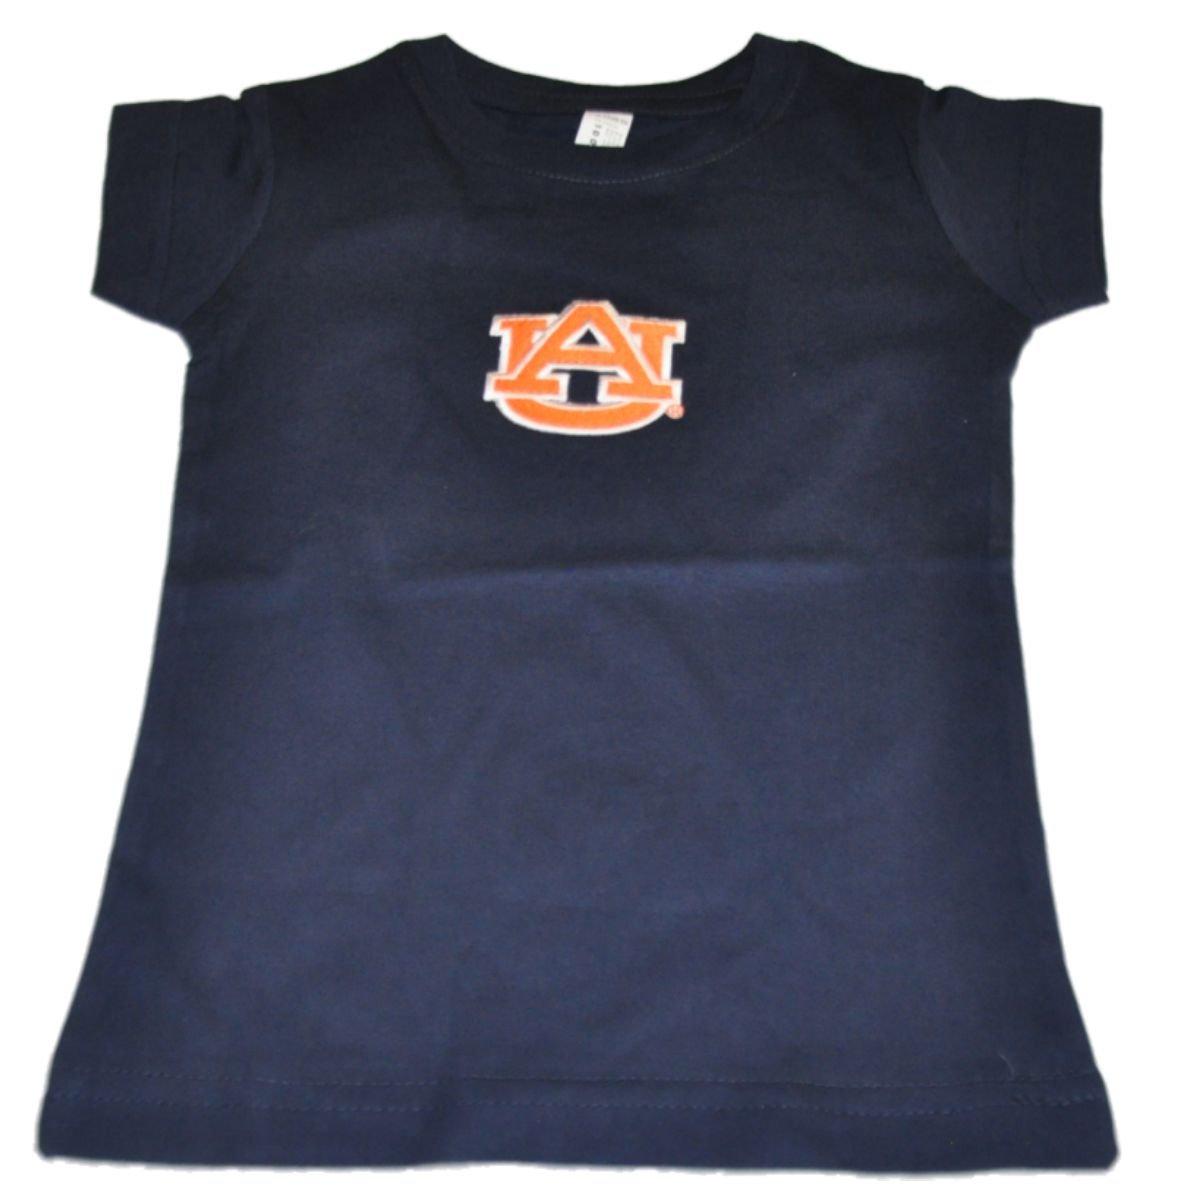 【メーカー直送】 オーバーンTigers Two Feet Two Ahead Toddler 4T Girls Navy Long長コットンTシャツ 4T B0115M9QC4 B0115M9QC4, 堀田商事質店:73623b08 --- a0267596.xsph.ru